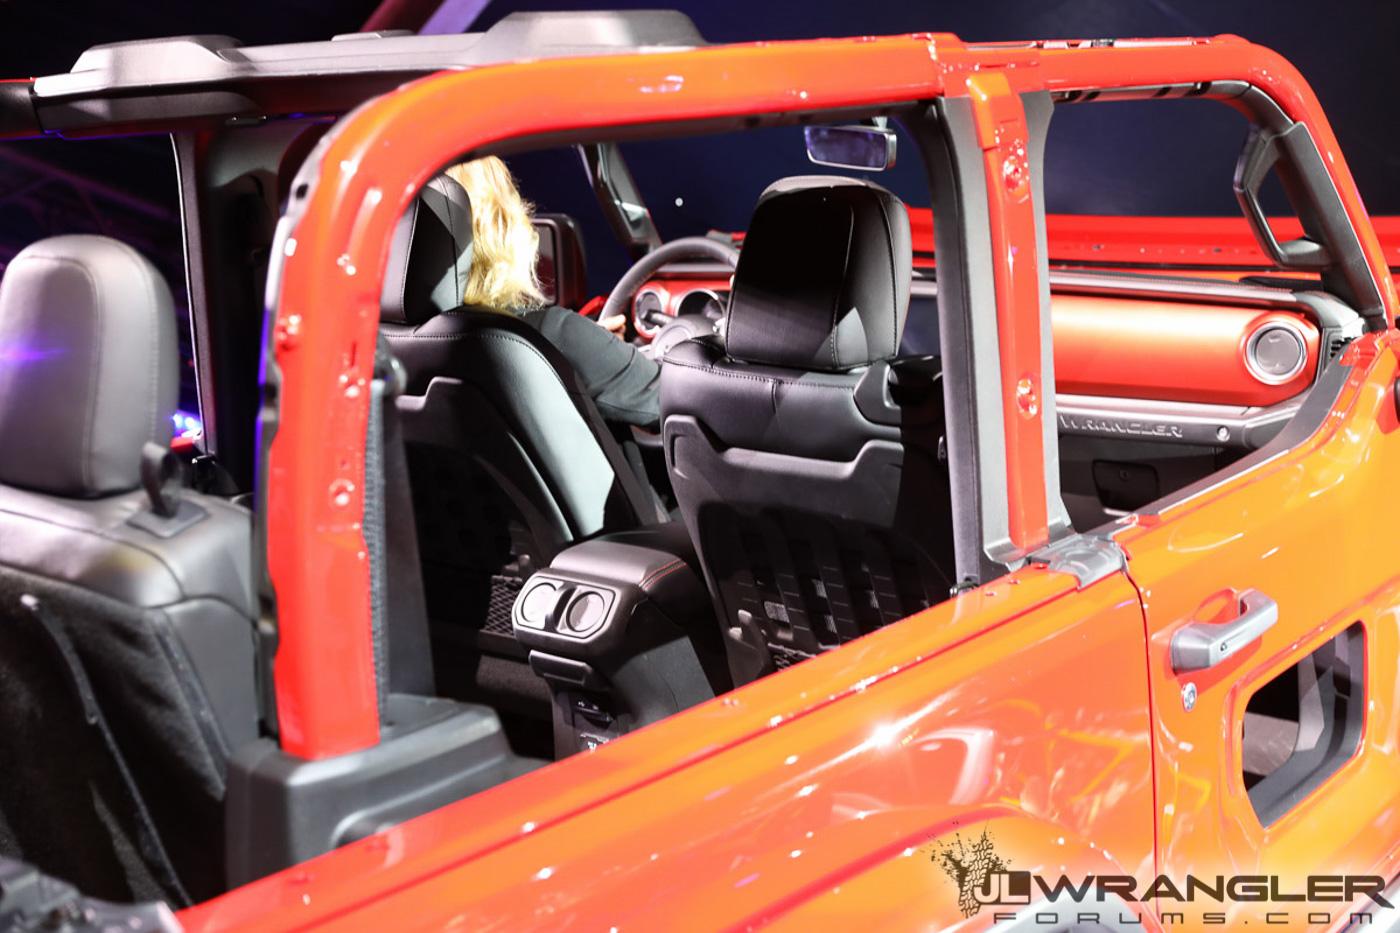 LA Auto Show Firecracker Red JL Wrangler Rubicon with